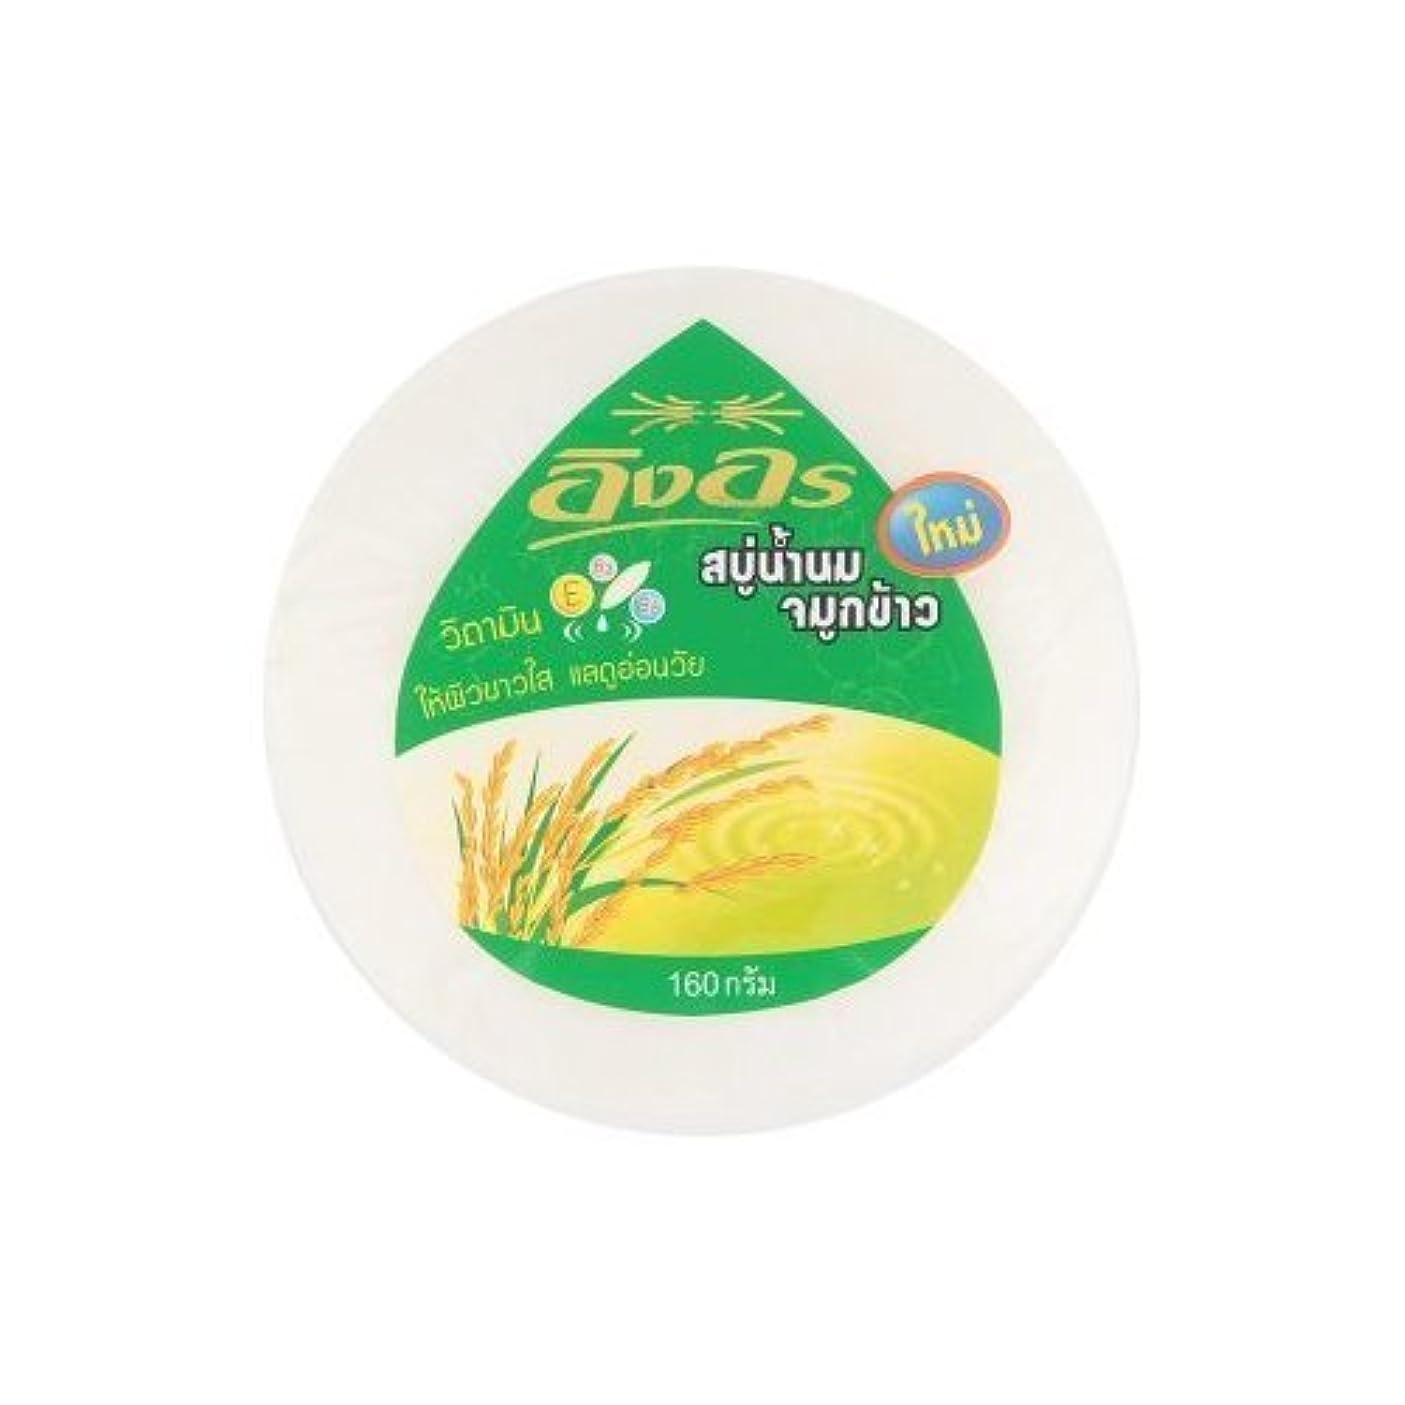 かご寂しいデンマーク語Ni Yom Thai shop Ing on : Wheat Germ Milk Herbal Soap Bar 5.64 Oz. Made in Thailand